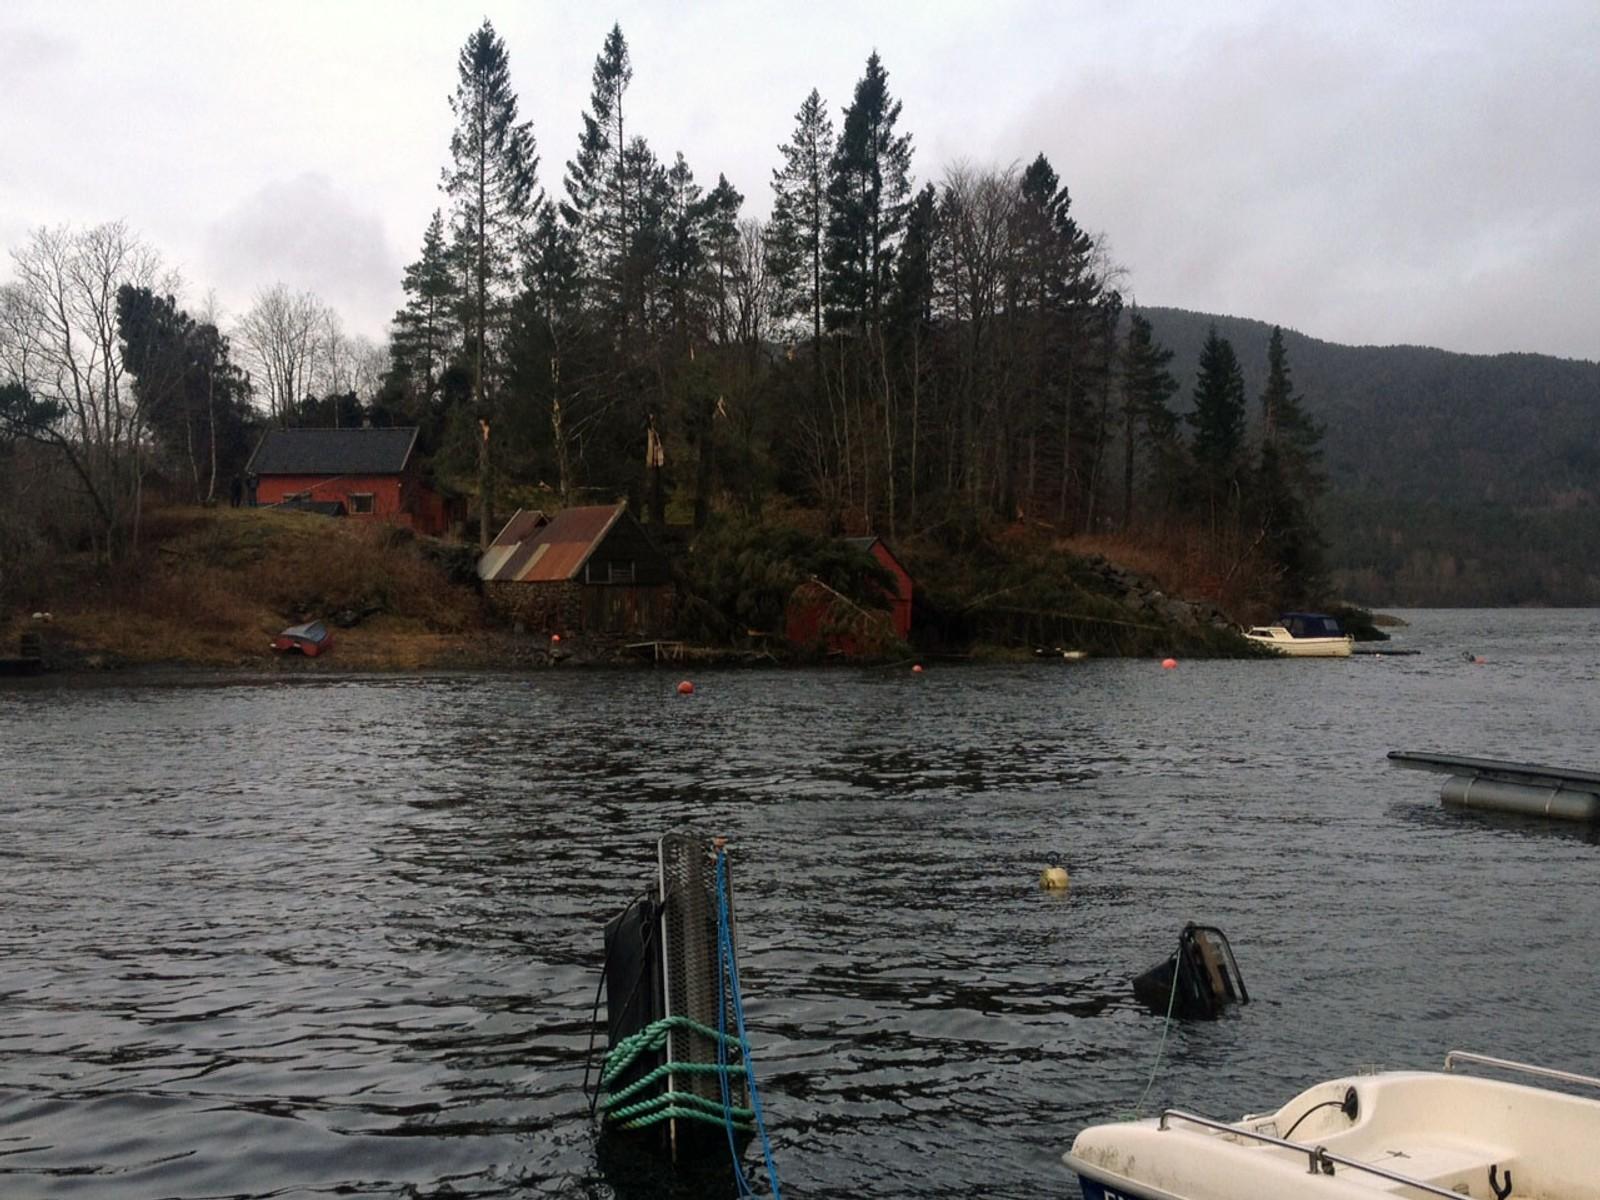 Ekstremværet «Nina» herjet voldsomt med trær og nøst ved Nordåsvannet i Bergen.